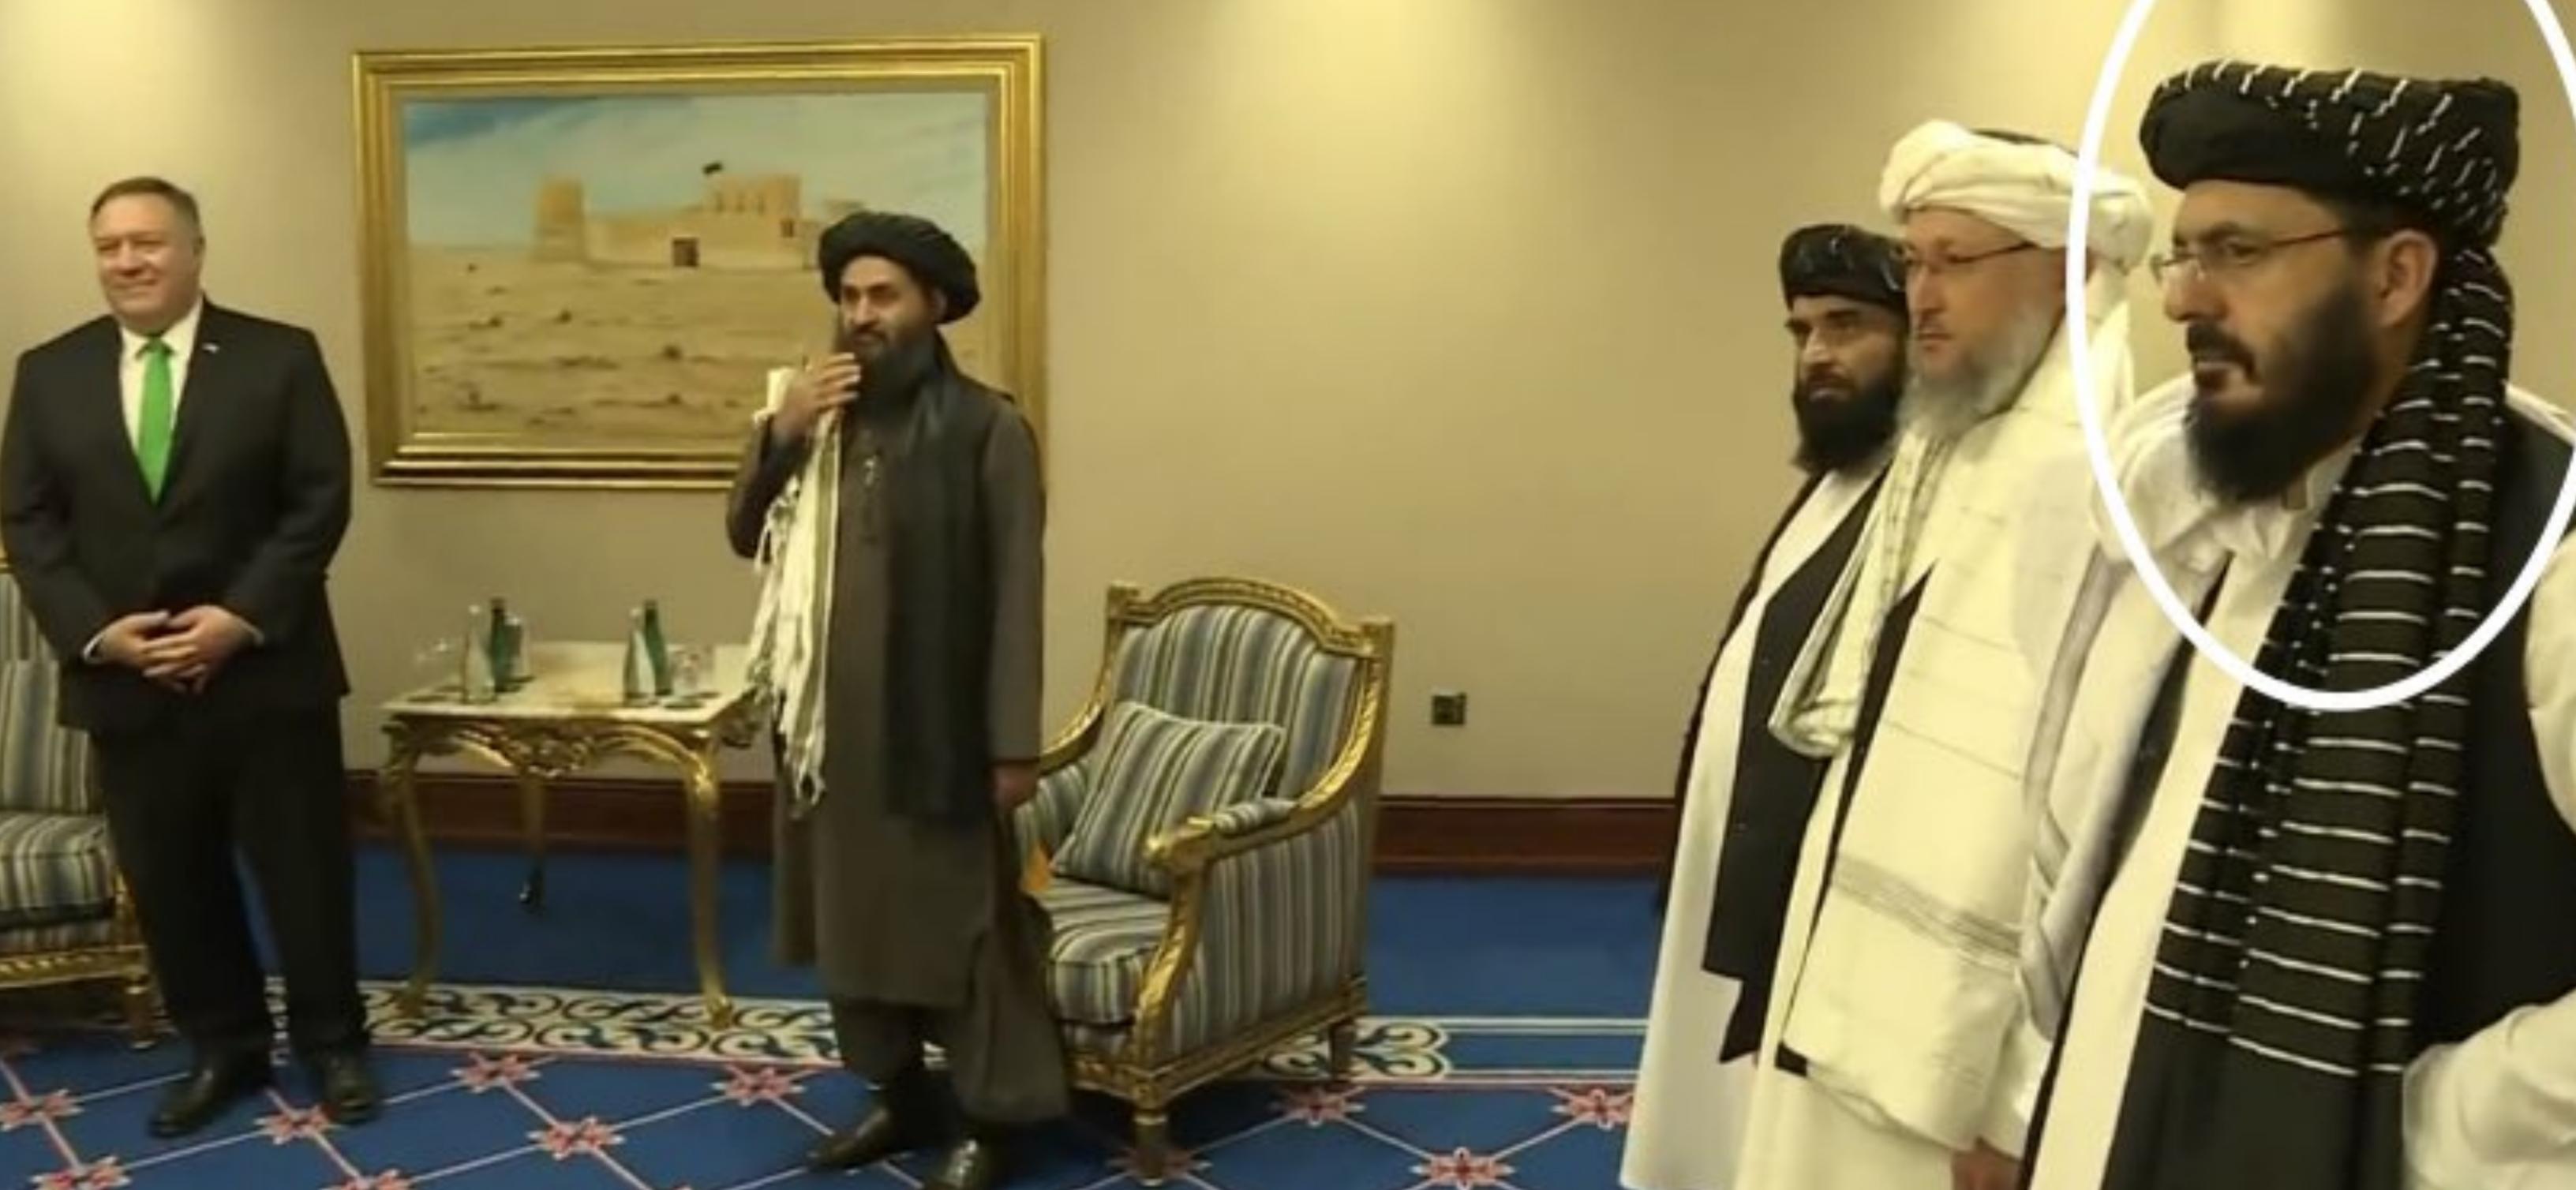 Bir Taliban mahkumunun sıra dışı hikayesi: Guantanamo'dan ABD ile müzakerelere